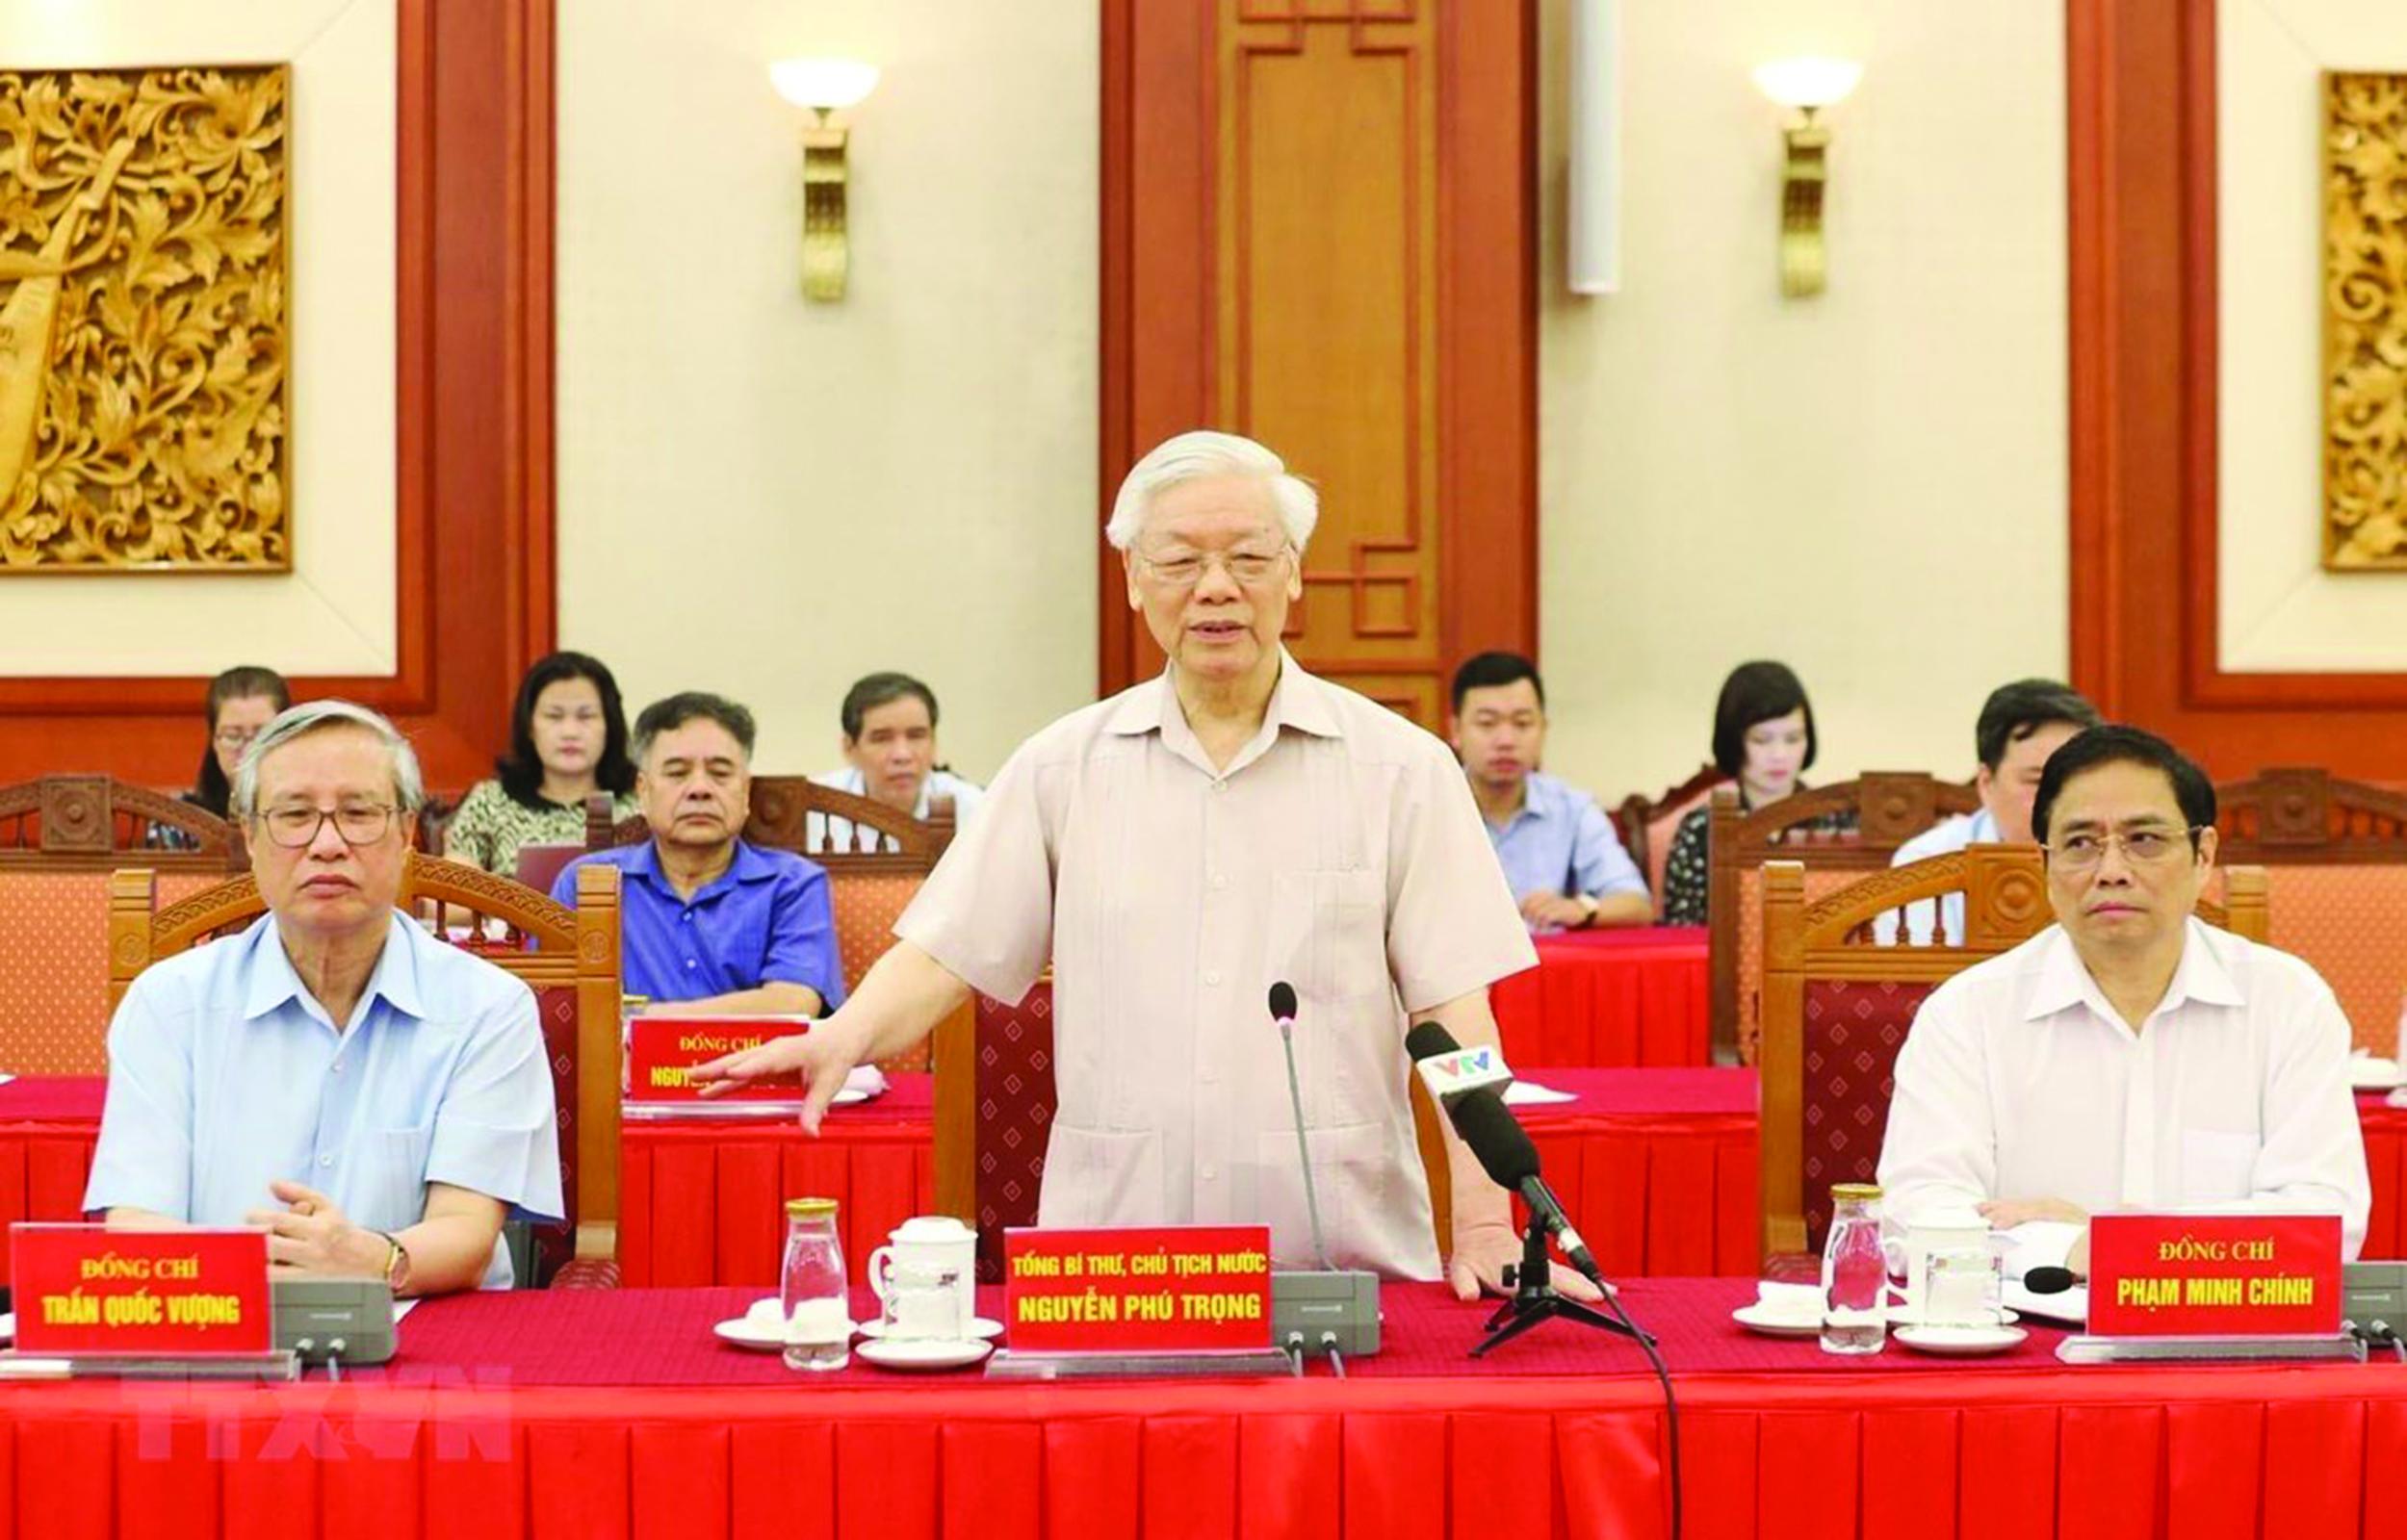 Tổng Bí thư, Chủ tịch nước Nguyễn Phú Trọng, Trưởng Tiểu ban Văn kiện Đại hội XIII của Đảng phát biểu khai mạc Hội nghị. (Ảnh: Phương Hoa/TTXVN)